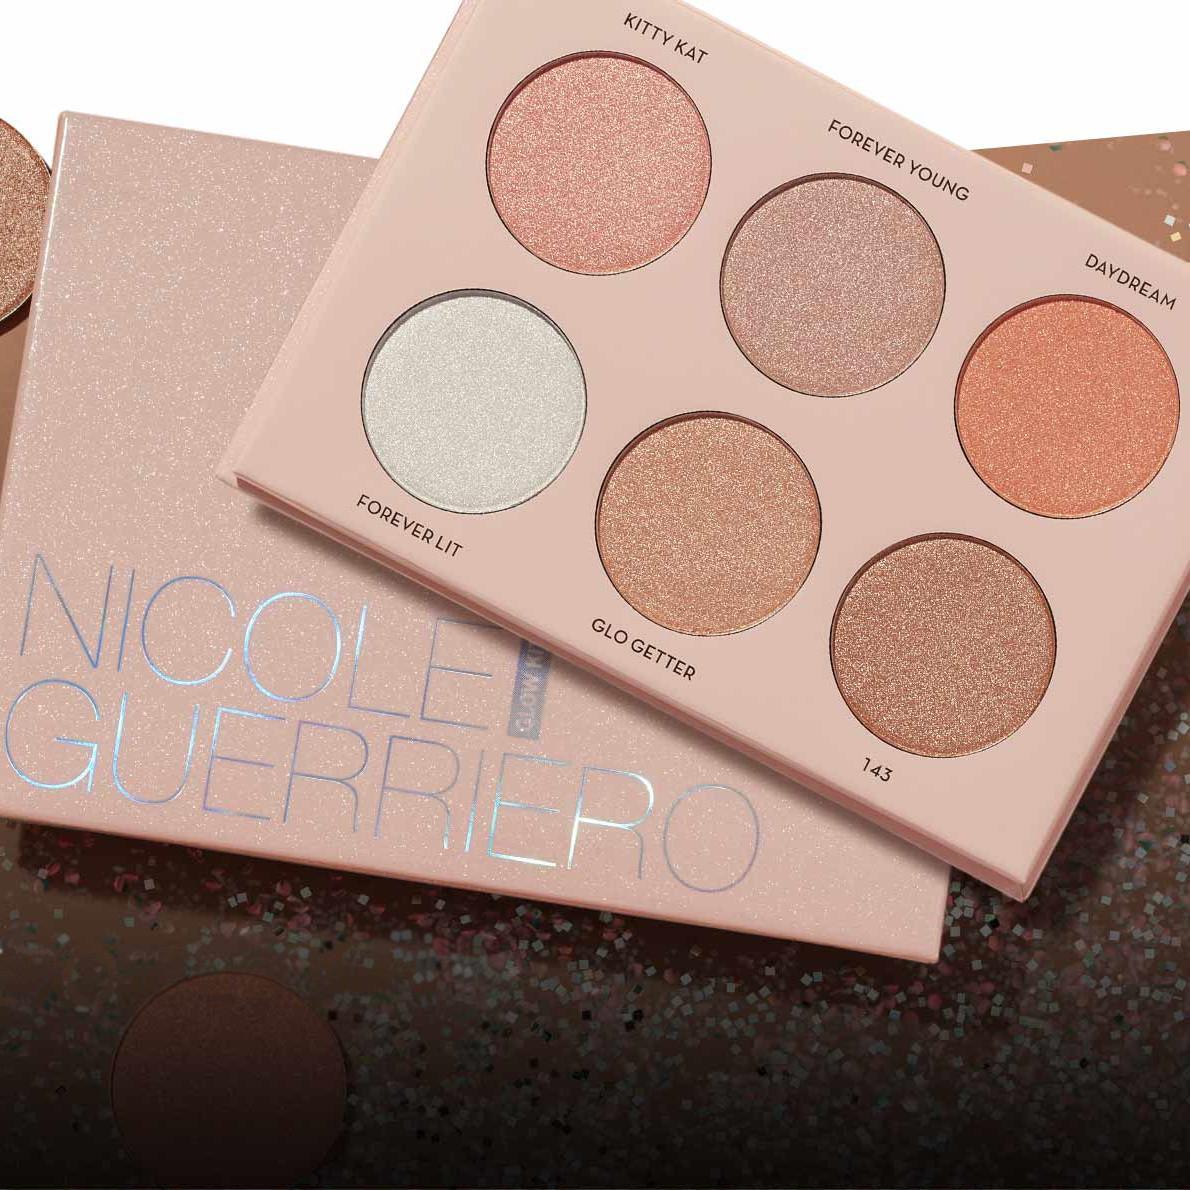 Nicole Guerriero Glow Kit de ABH de nuevo a la venta